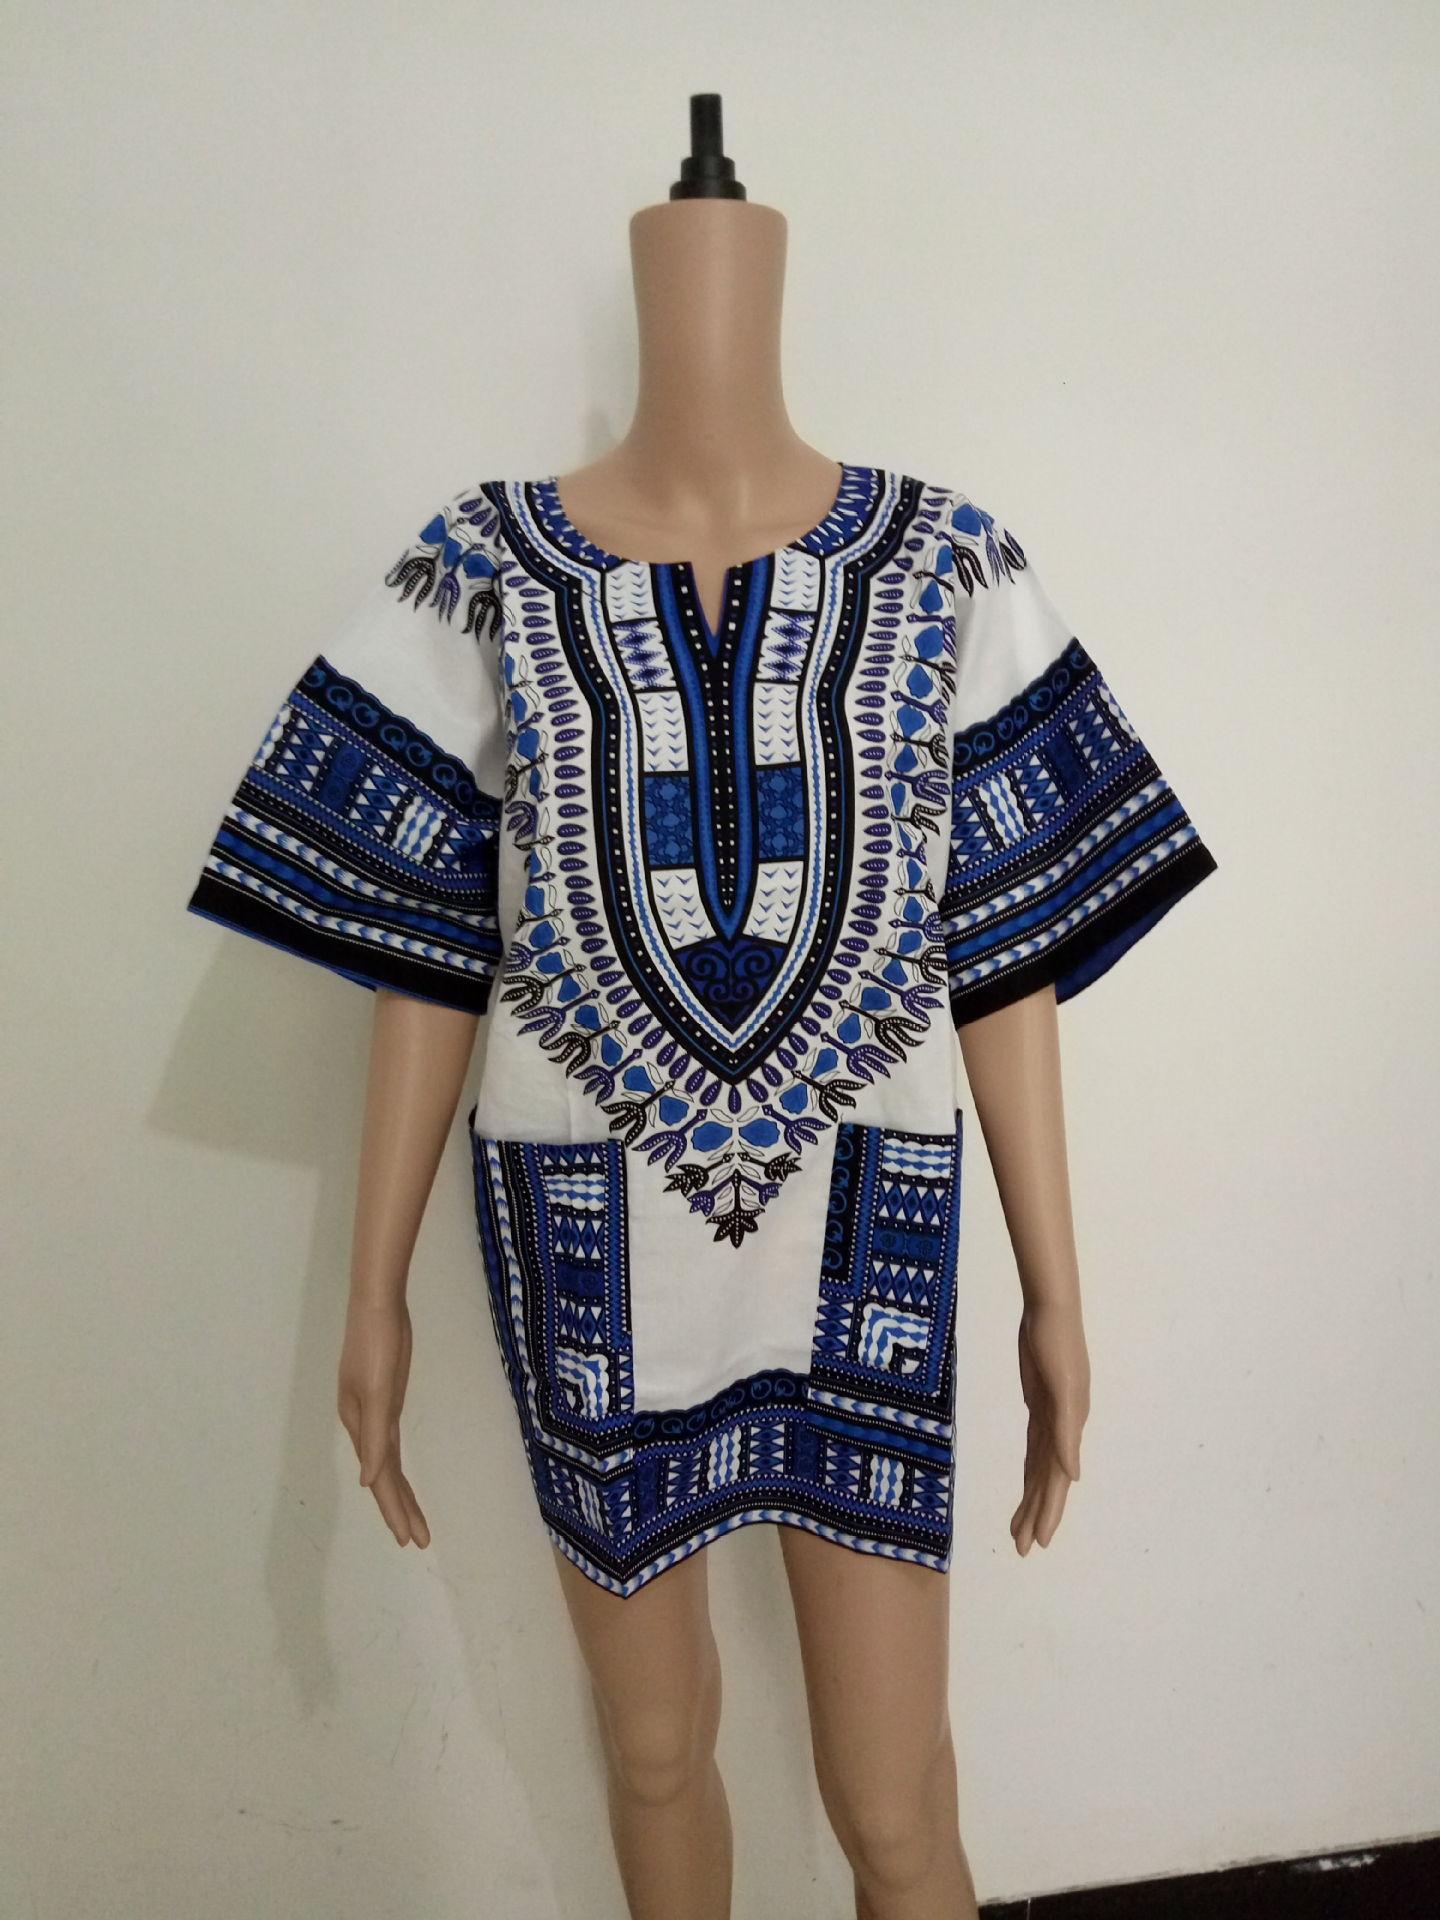 Vetement femme afrikanske vestido listrado modeller tenkte africaine - Nasjonale klær - Bilde 2